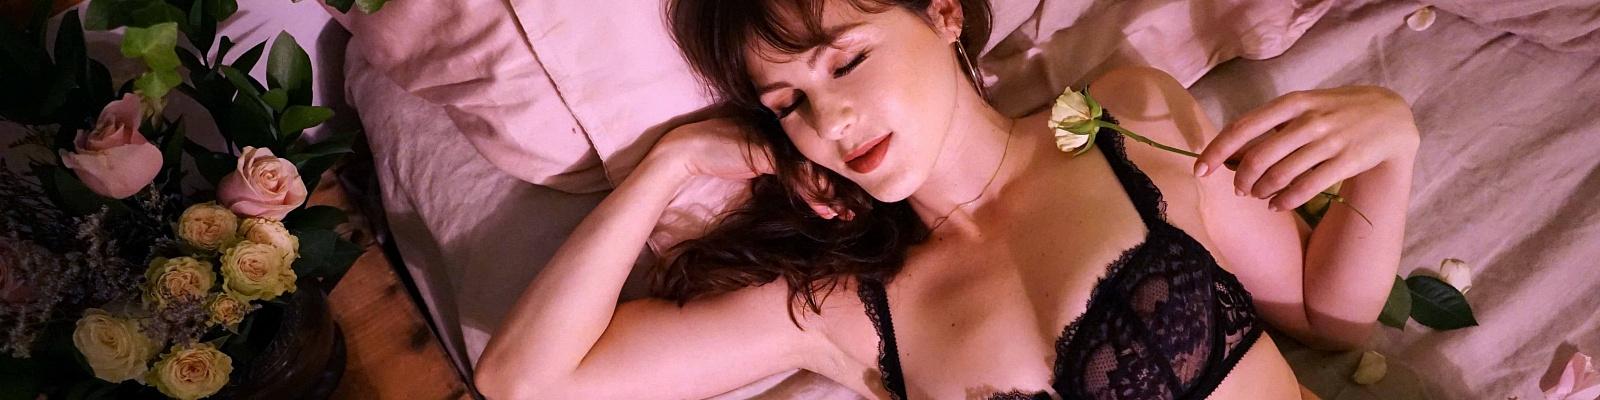 Danielle Soleil's Cover Photo